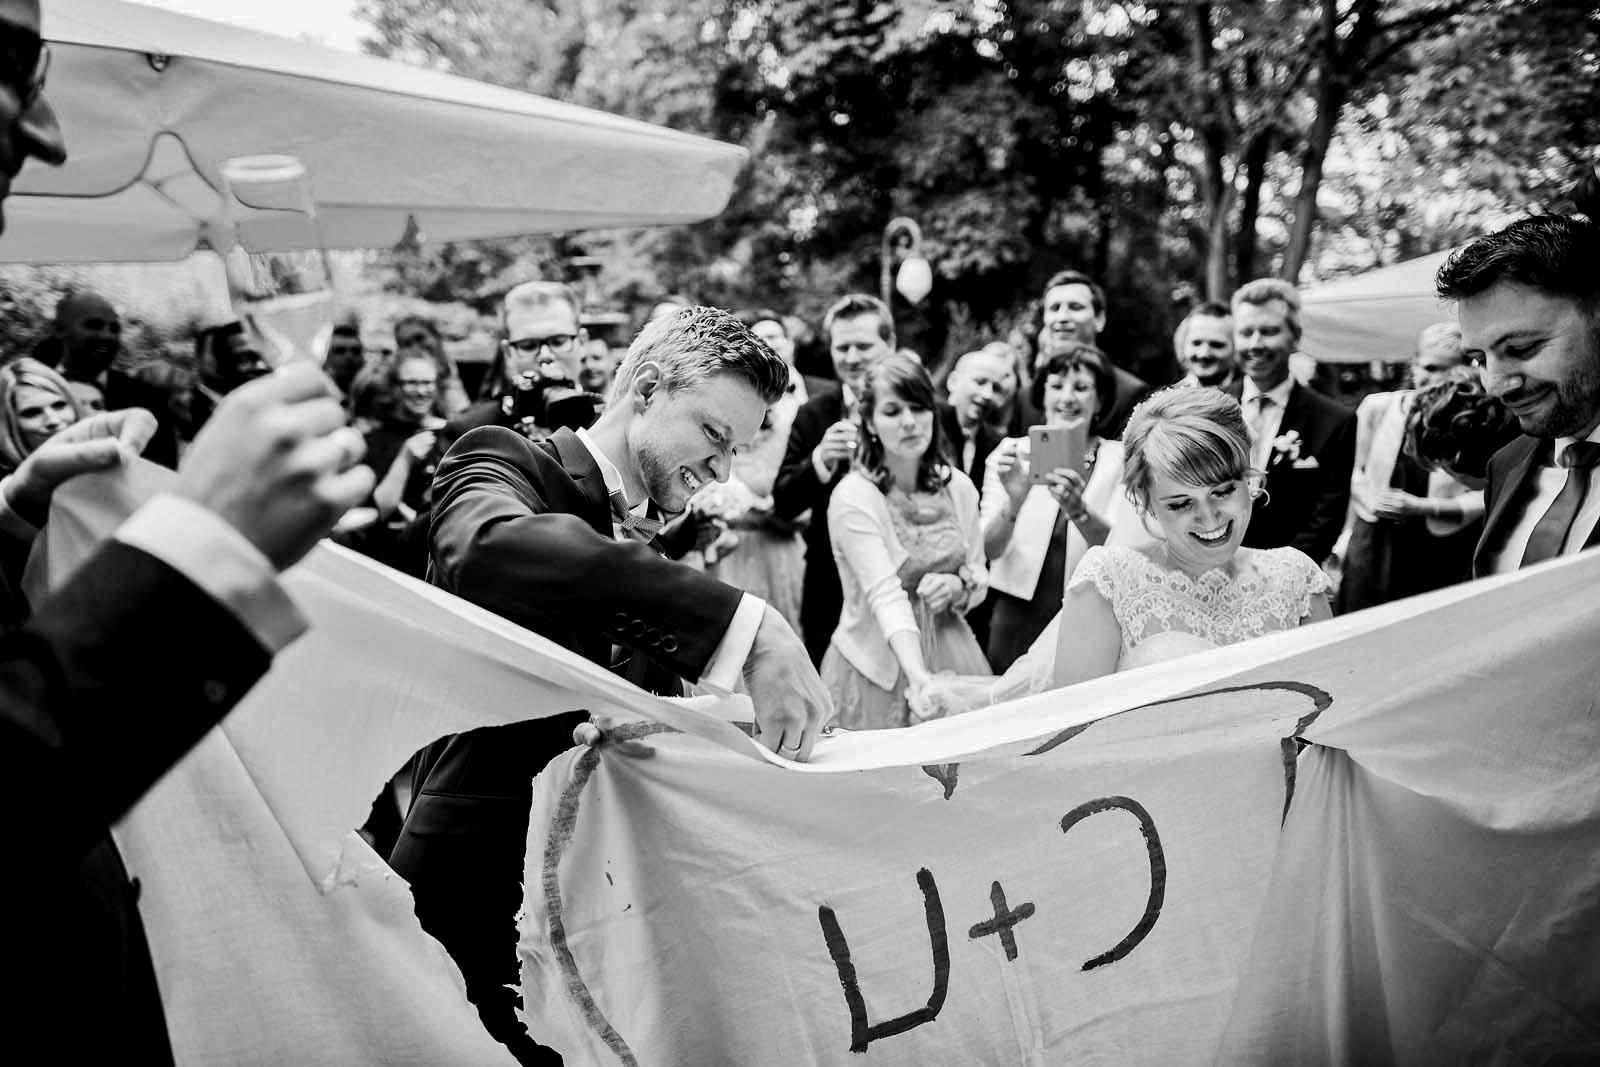 Hochzeitsreportage Foto vom Brautpaar mit Bettlaken mit Herz Copyright by Hochzeitsfotograf www.berliner-hochzeitsfotografie.de